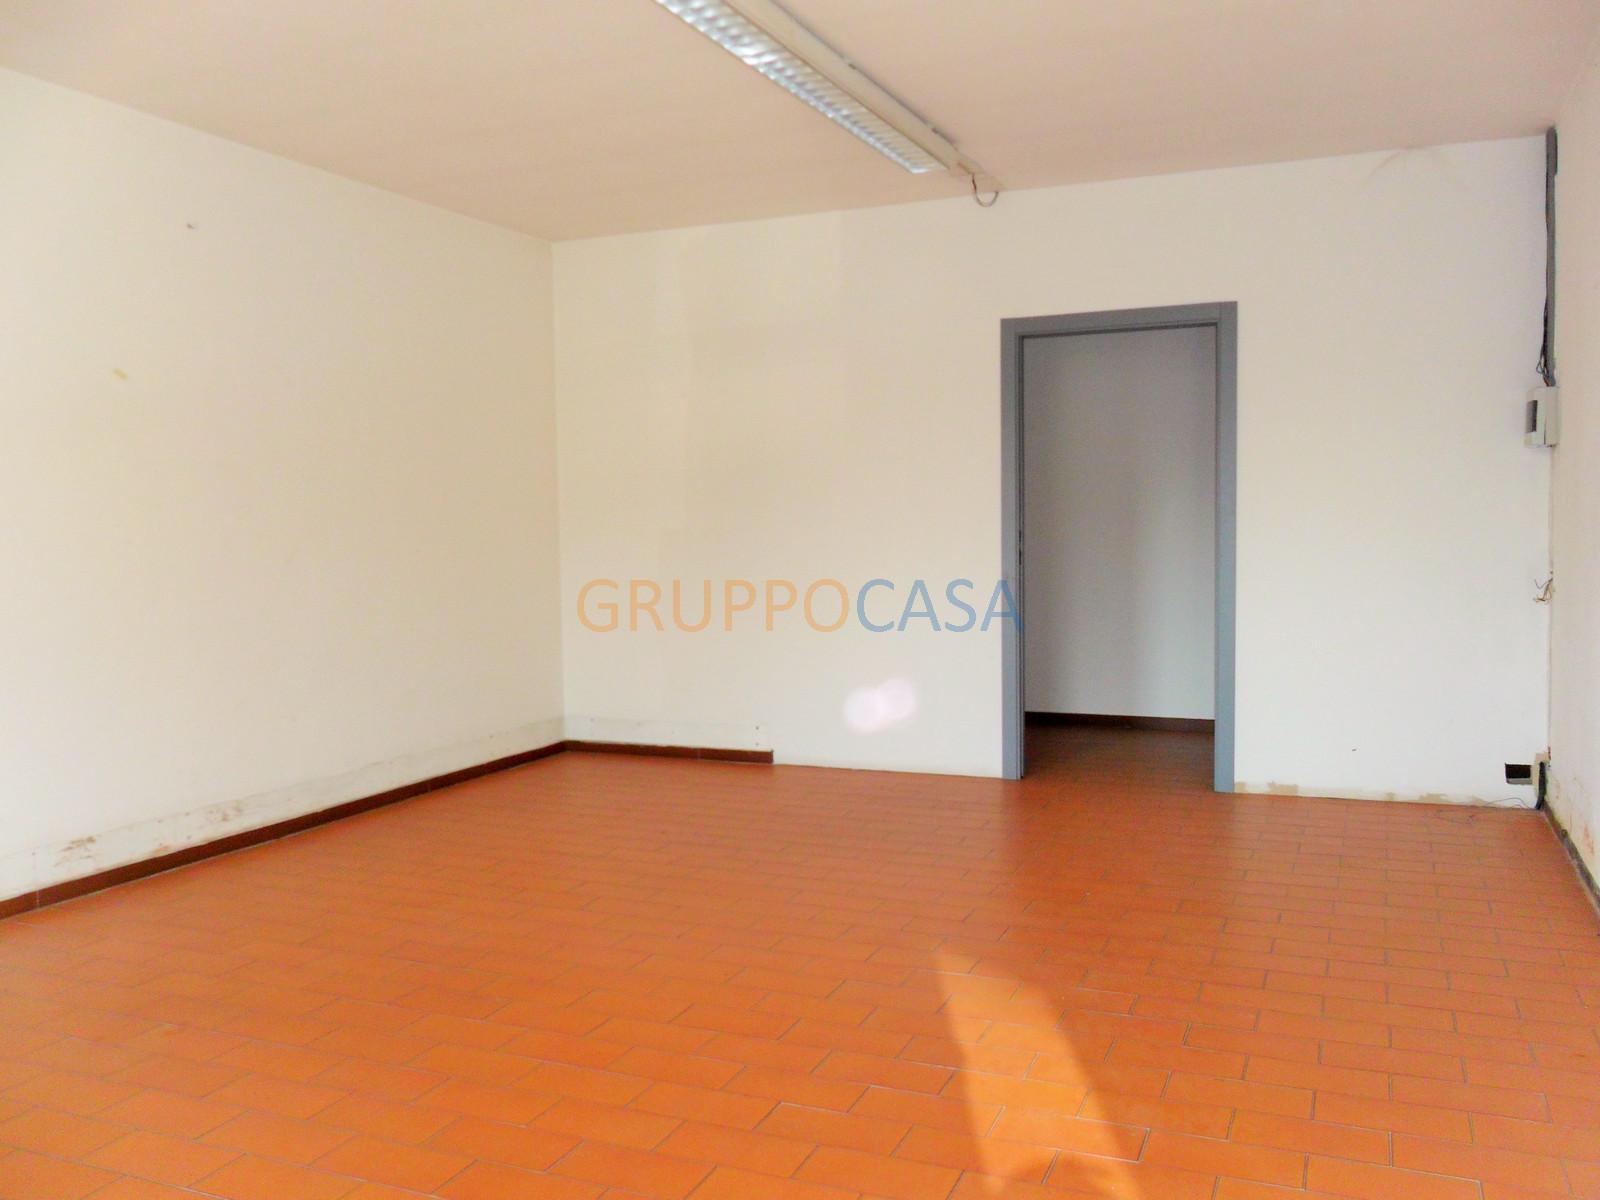 Ufficio / Studio in Vendita a Uzzano